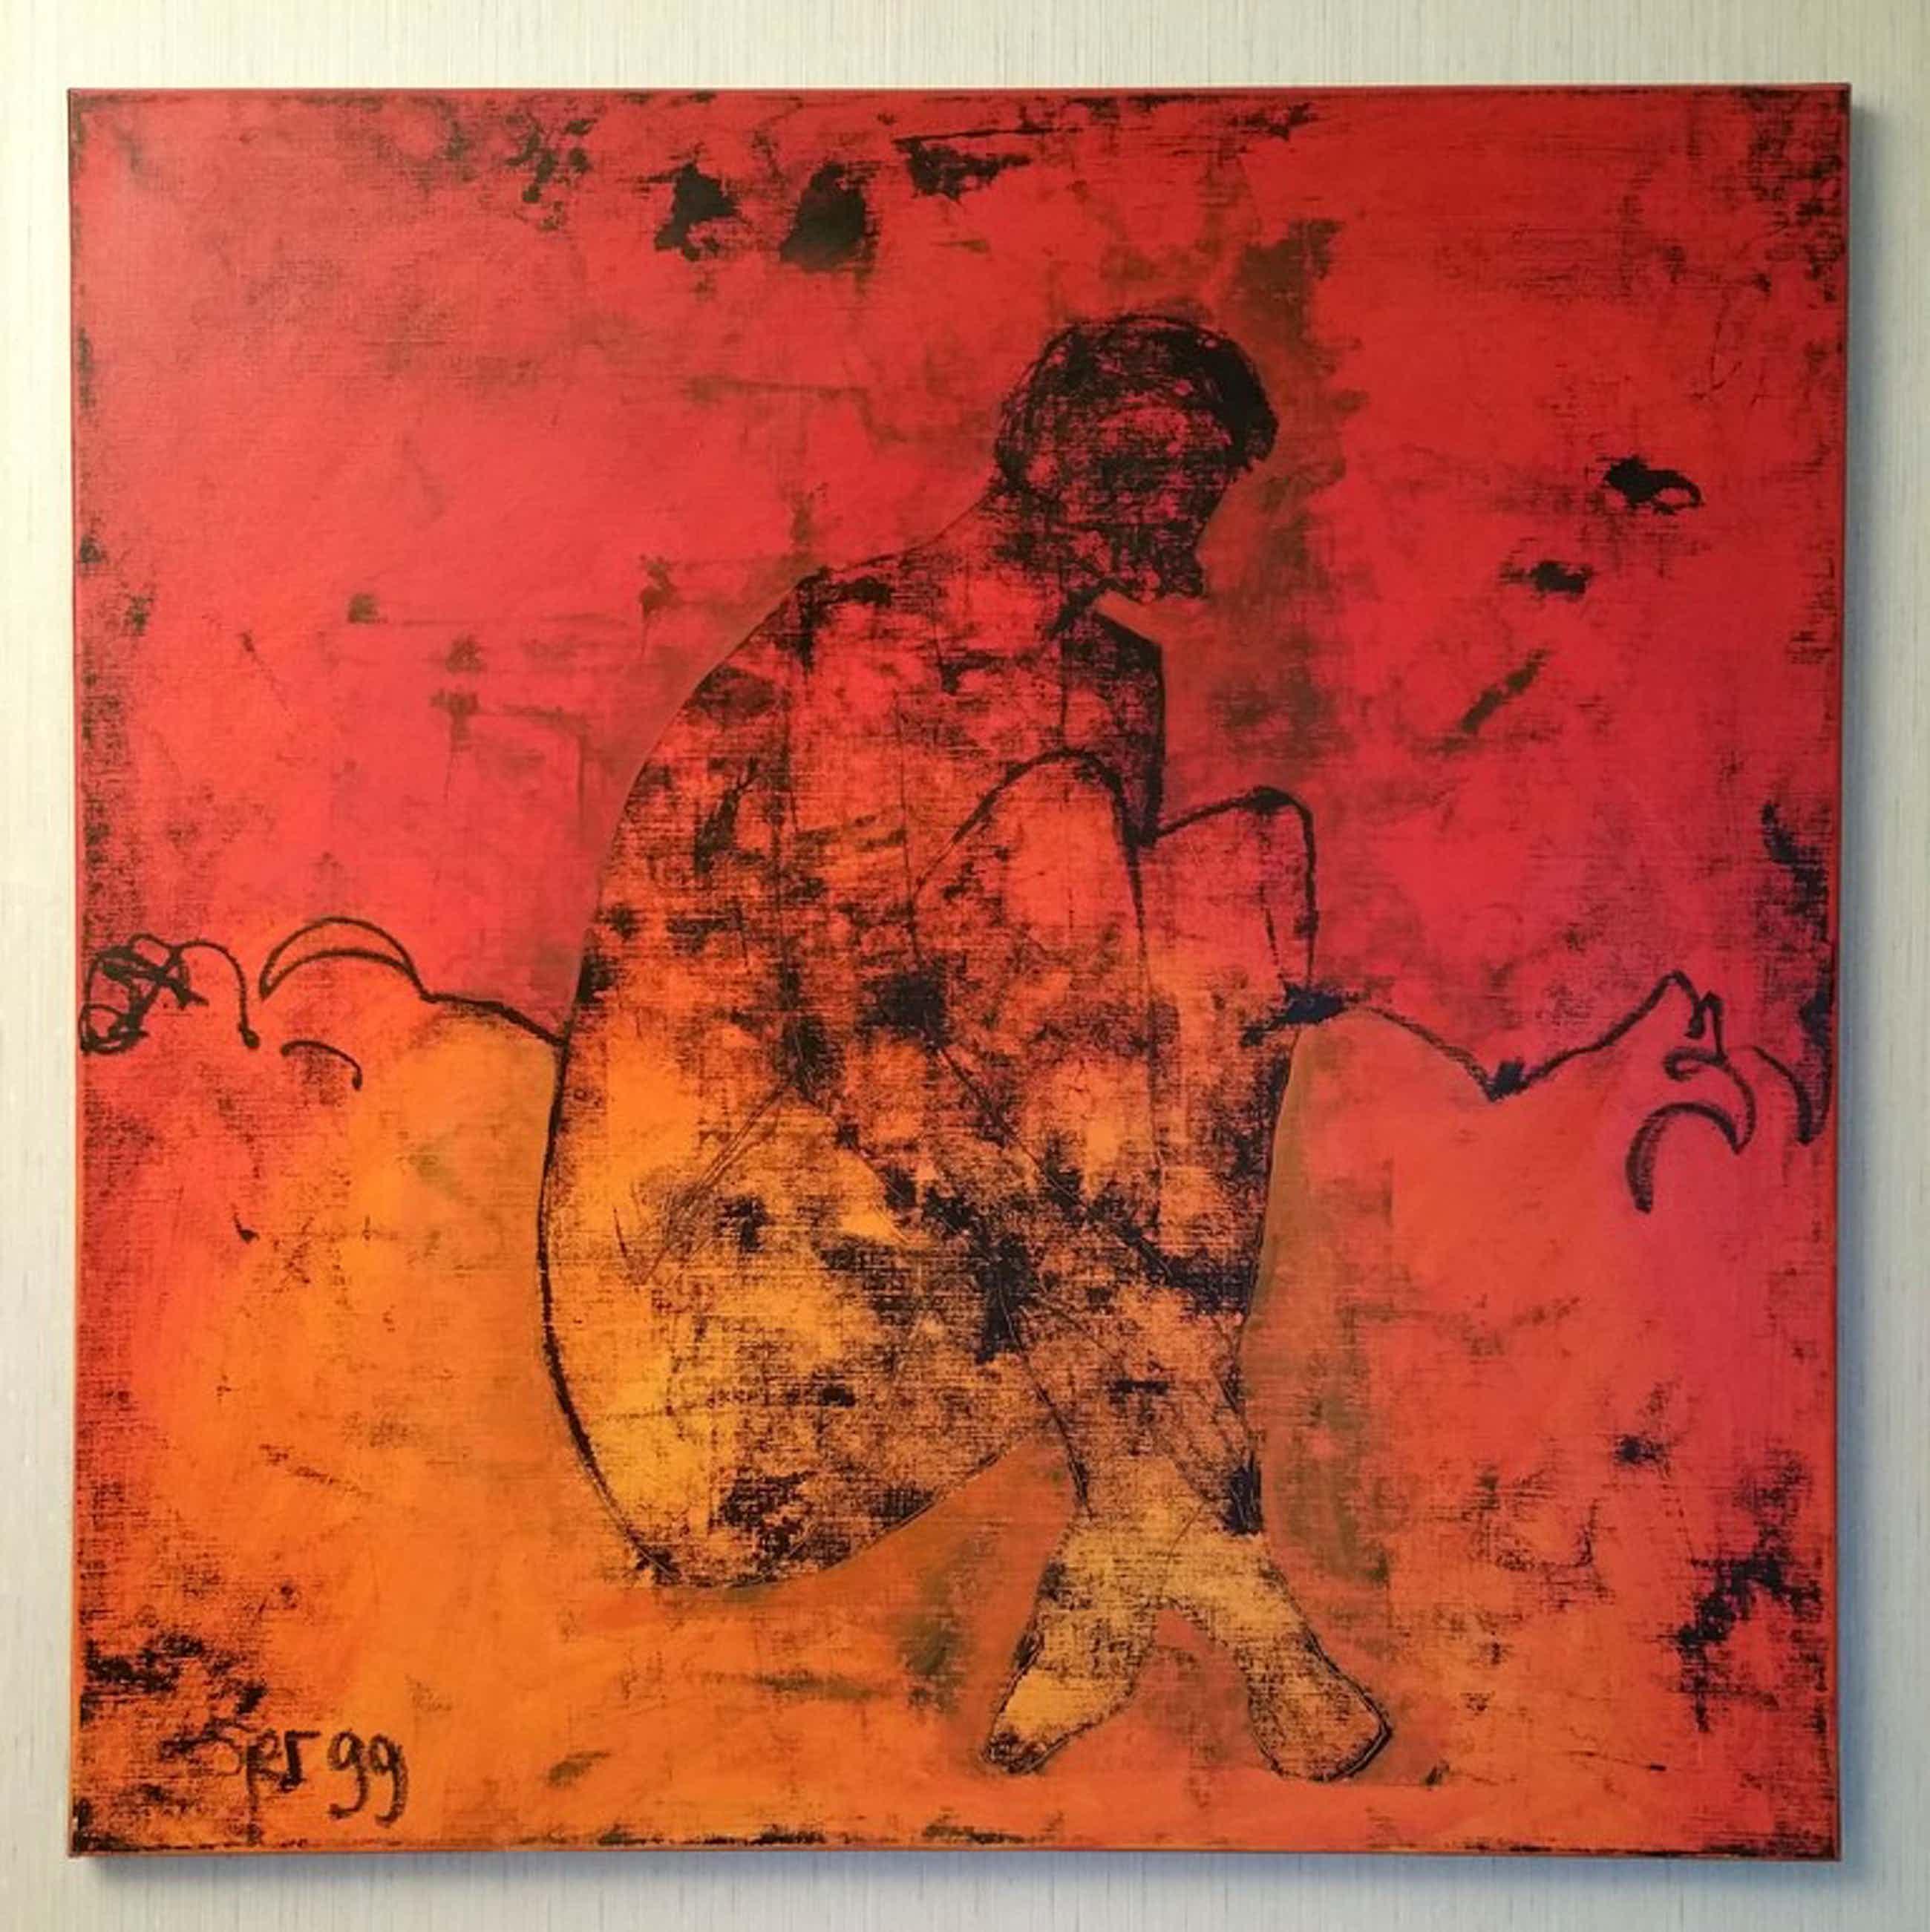 """Sjer Jacobs, Olieverf op doek, """"Zittende vrouw"""", 100x100cm, 1999 kopen? Bied vanaf 285!"""